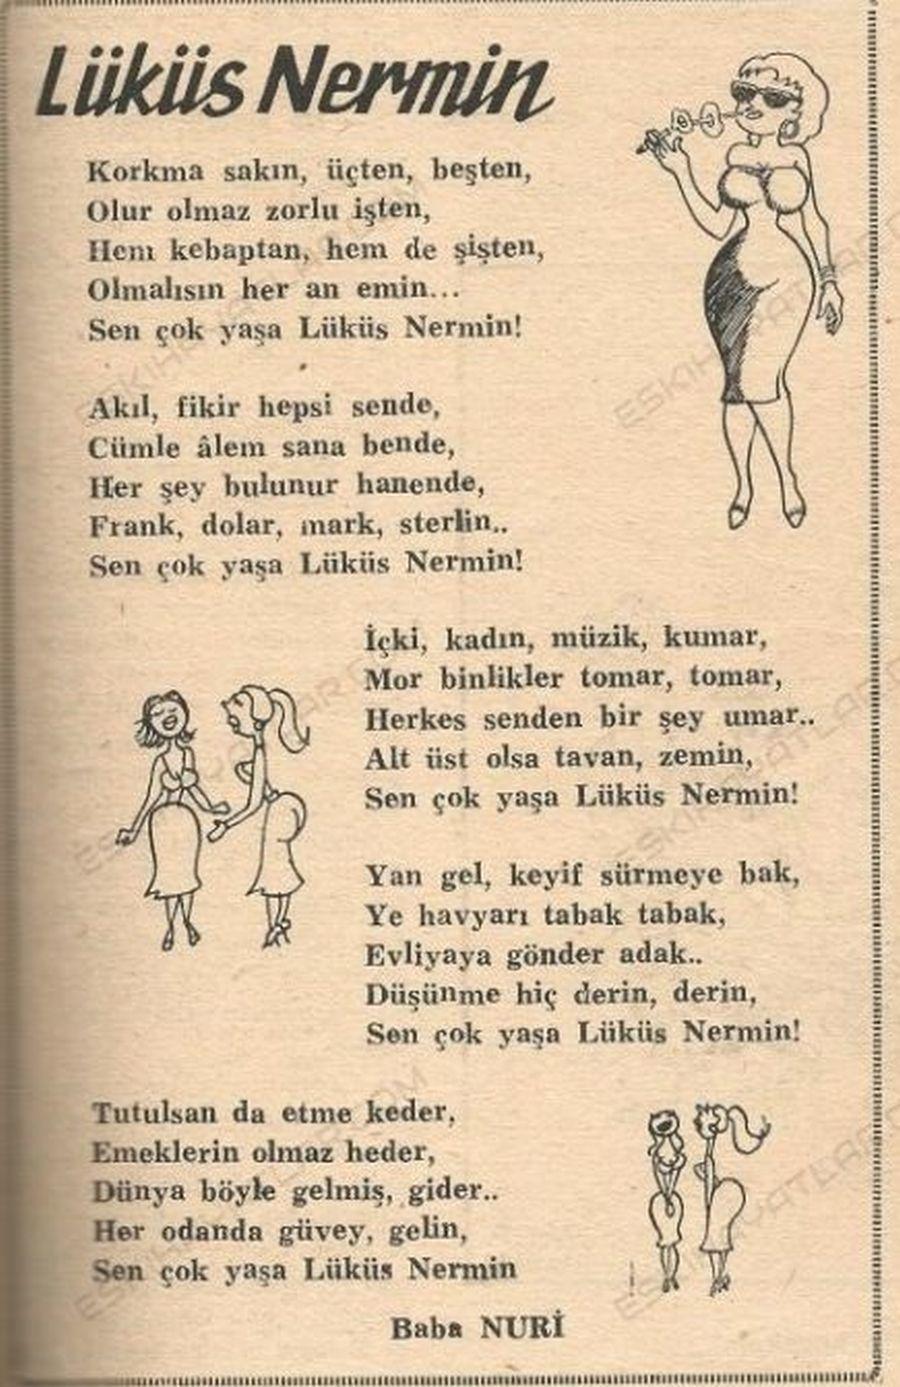 0363-akbaba-dergisi-18-haziran-1959 (5)